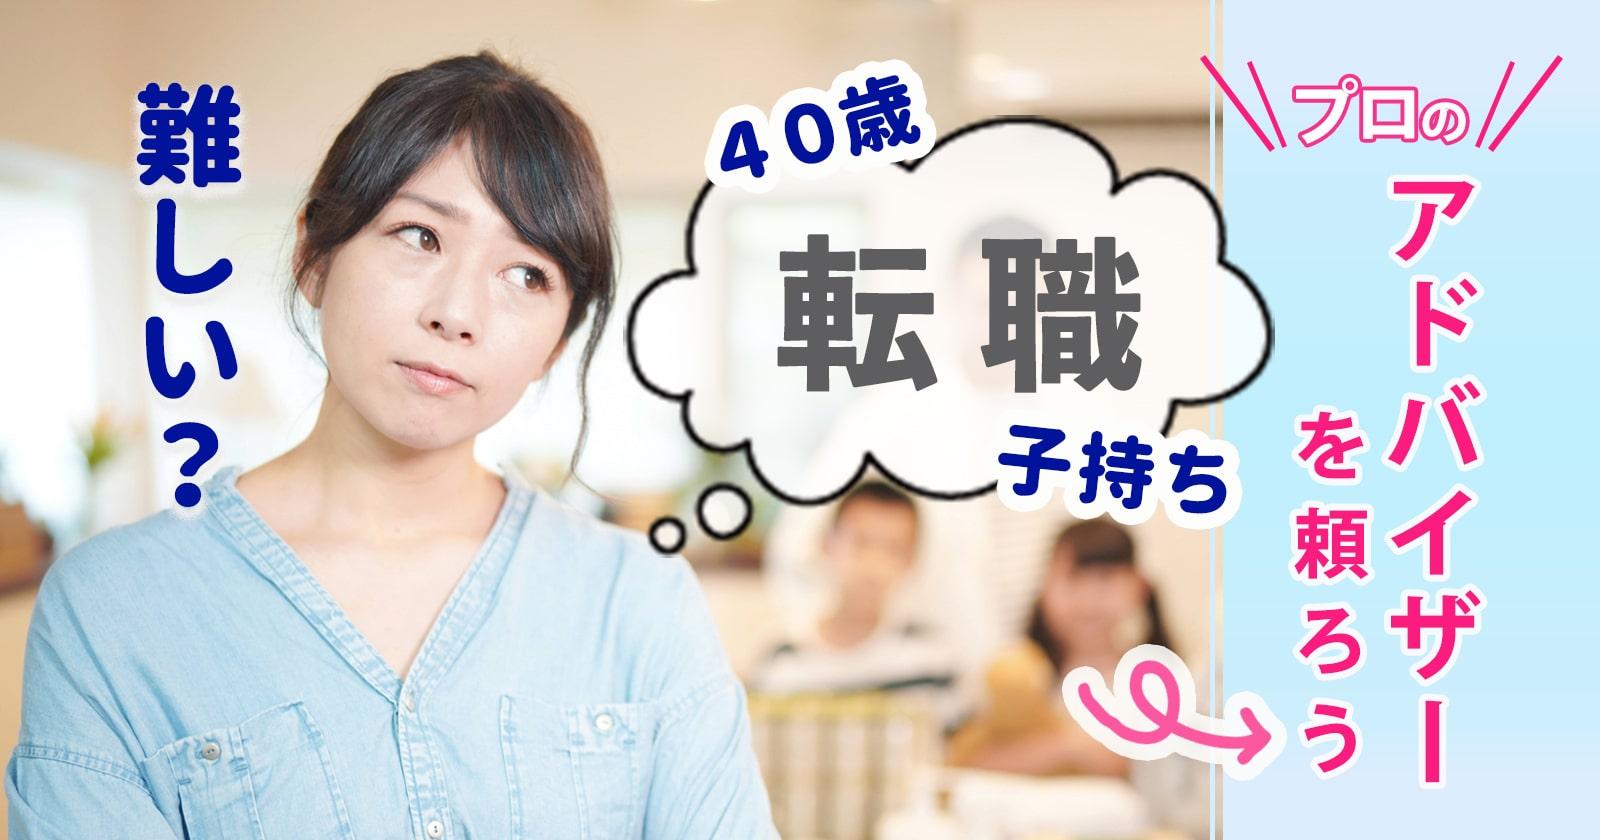 40歳子持ち女性の転職は難しい?実際に体験してみて感じたこと